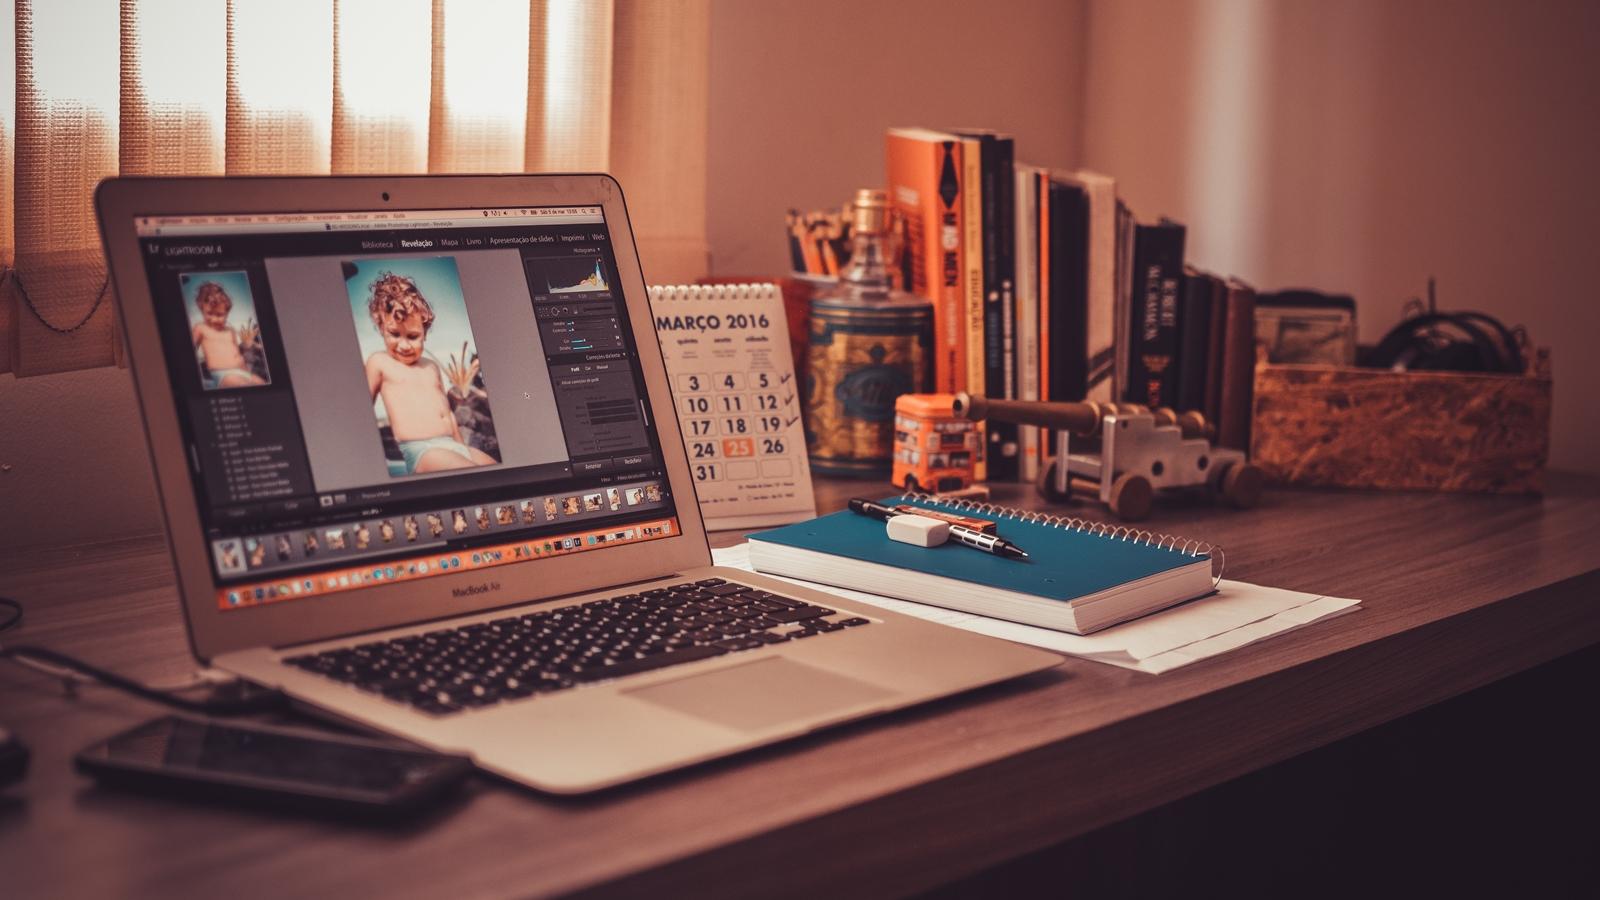 Photoshop auf einem Macbook Air auf einem Tisch mit Schreibtischutensilien